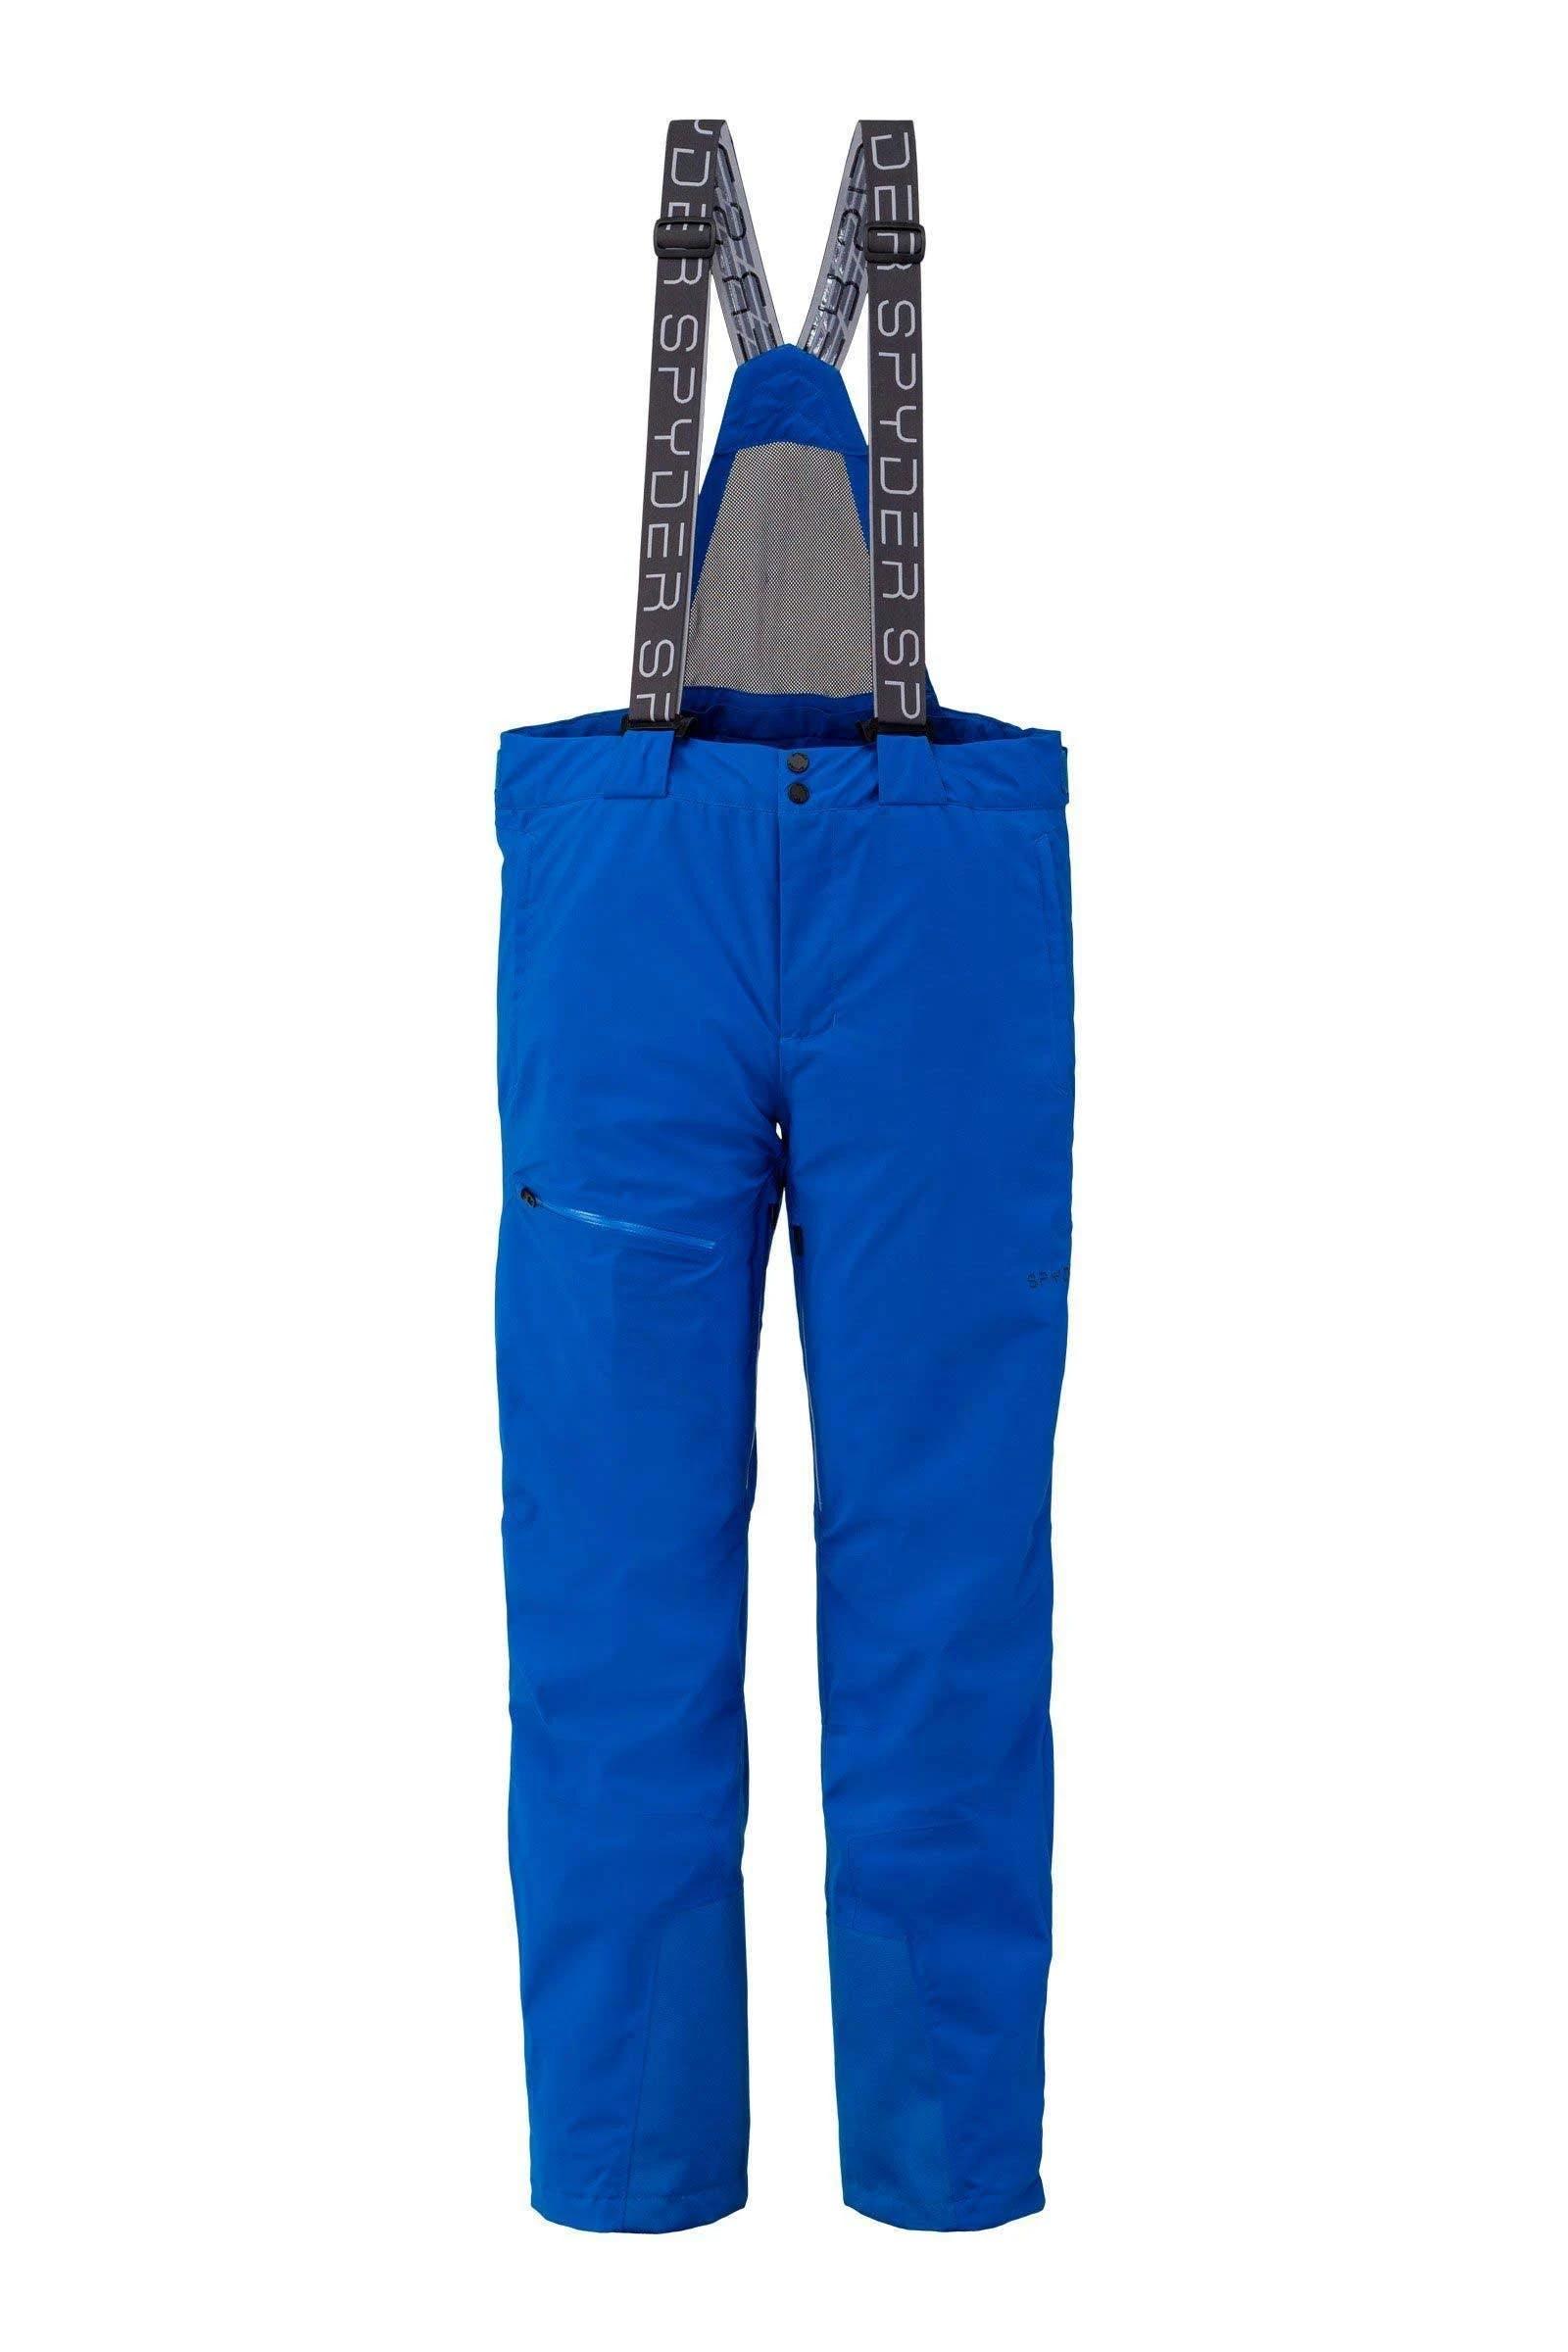 Spyder Dare GTX Pants Old Glory MD